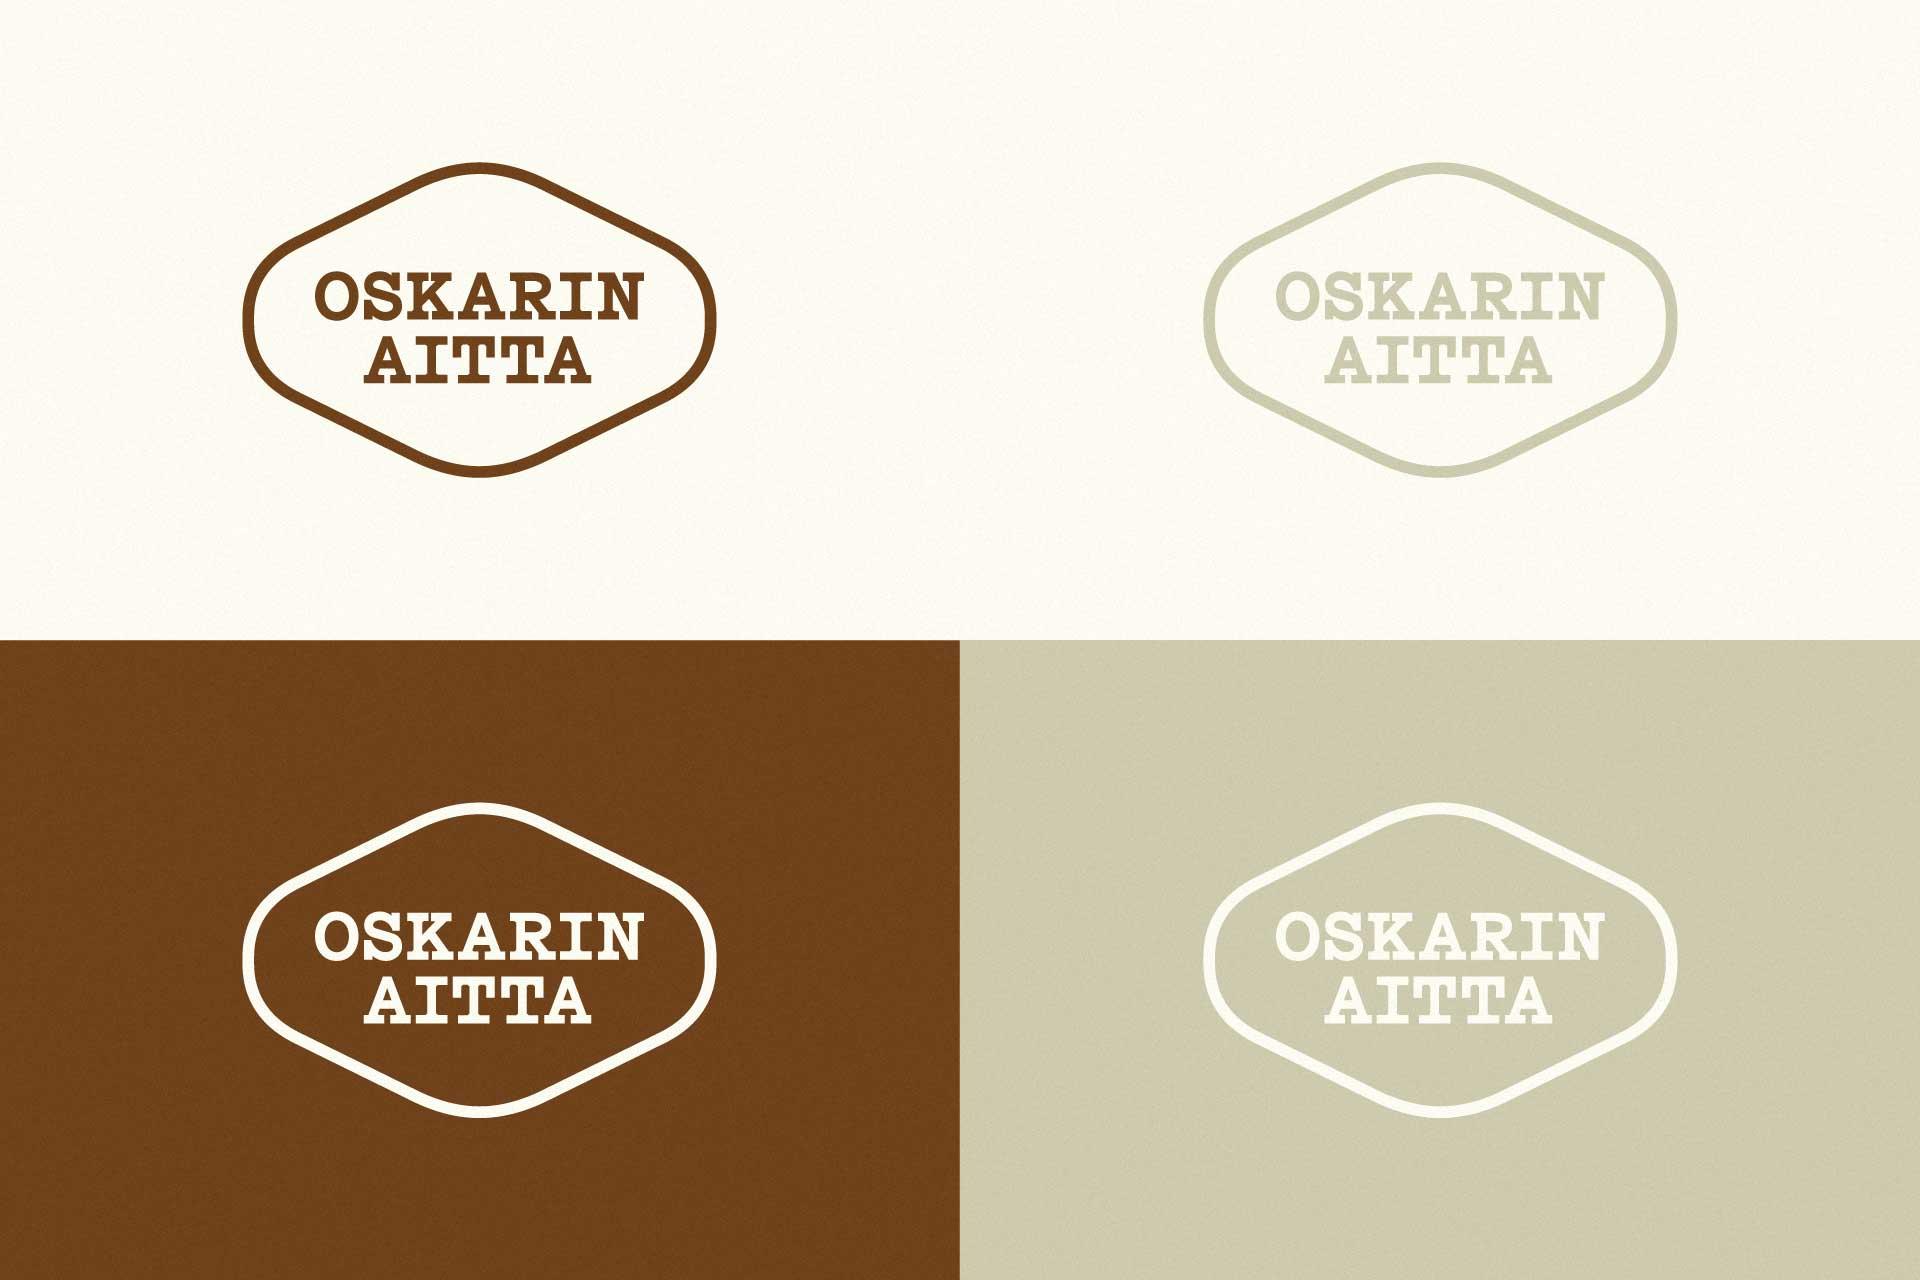 oskarin_aitta_logo2